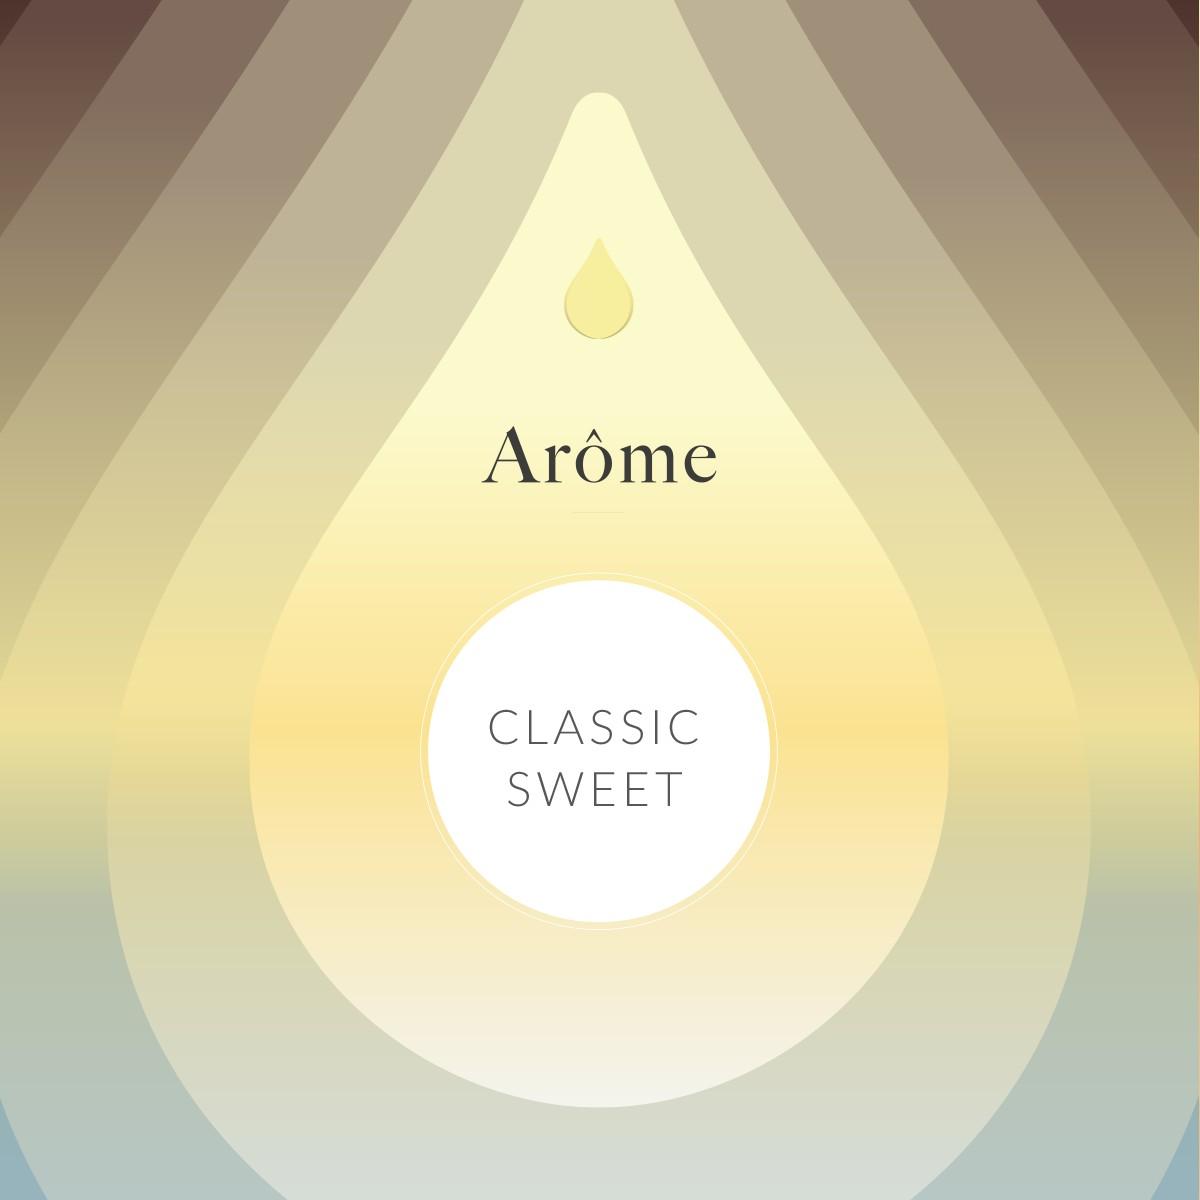 Arôme Classic sweet